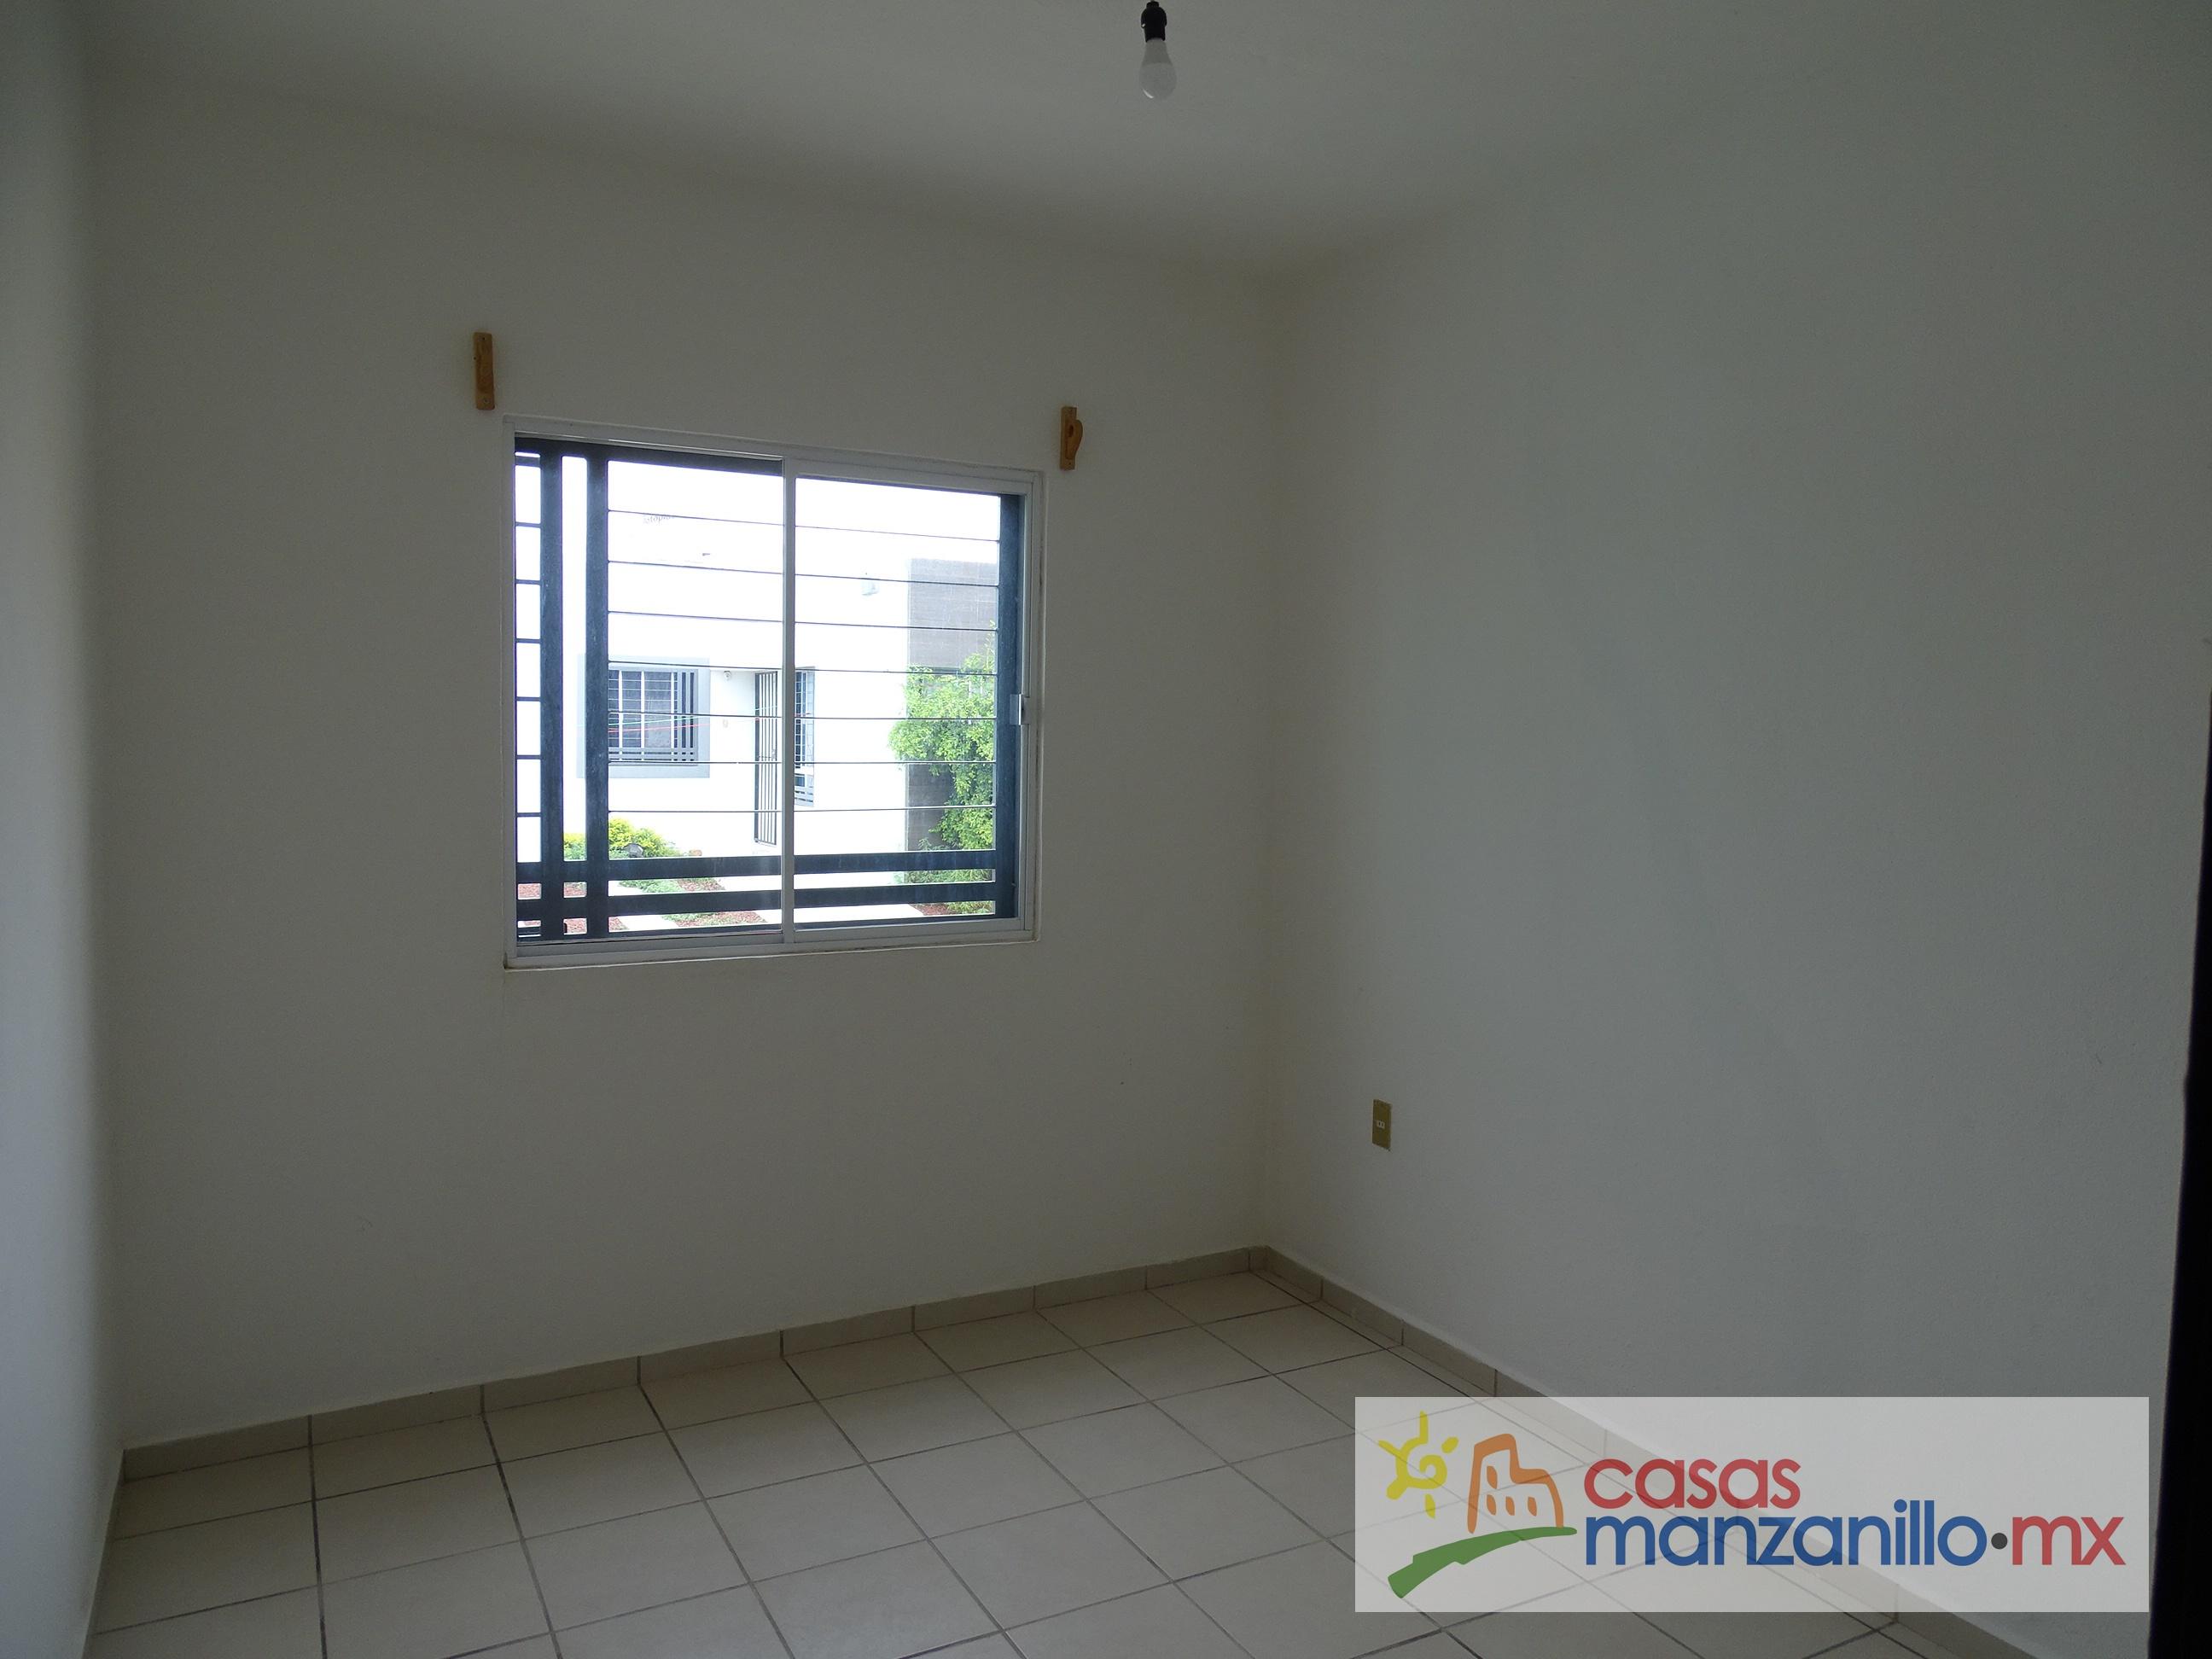 Casas Venta Manzanillo - Las Perlas (15)